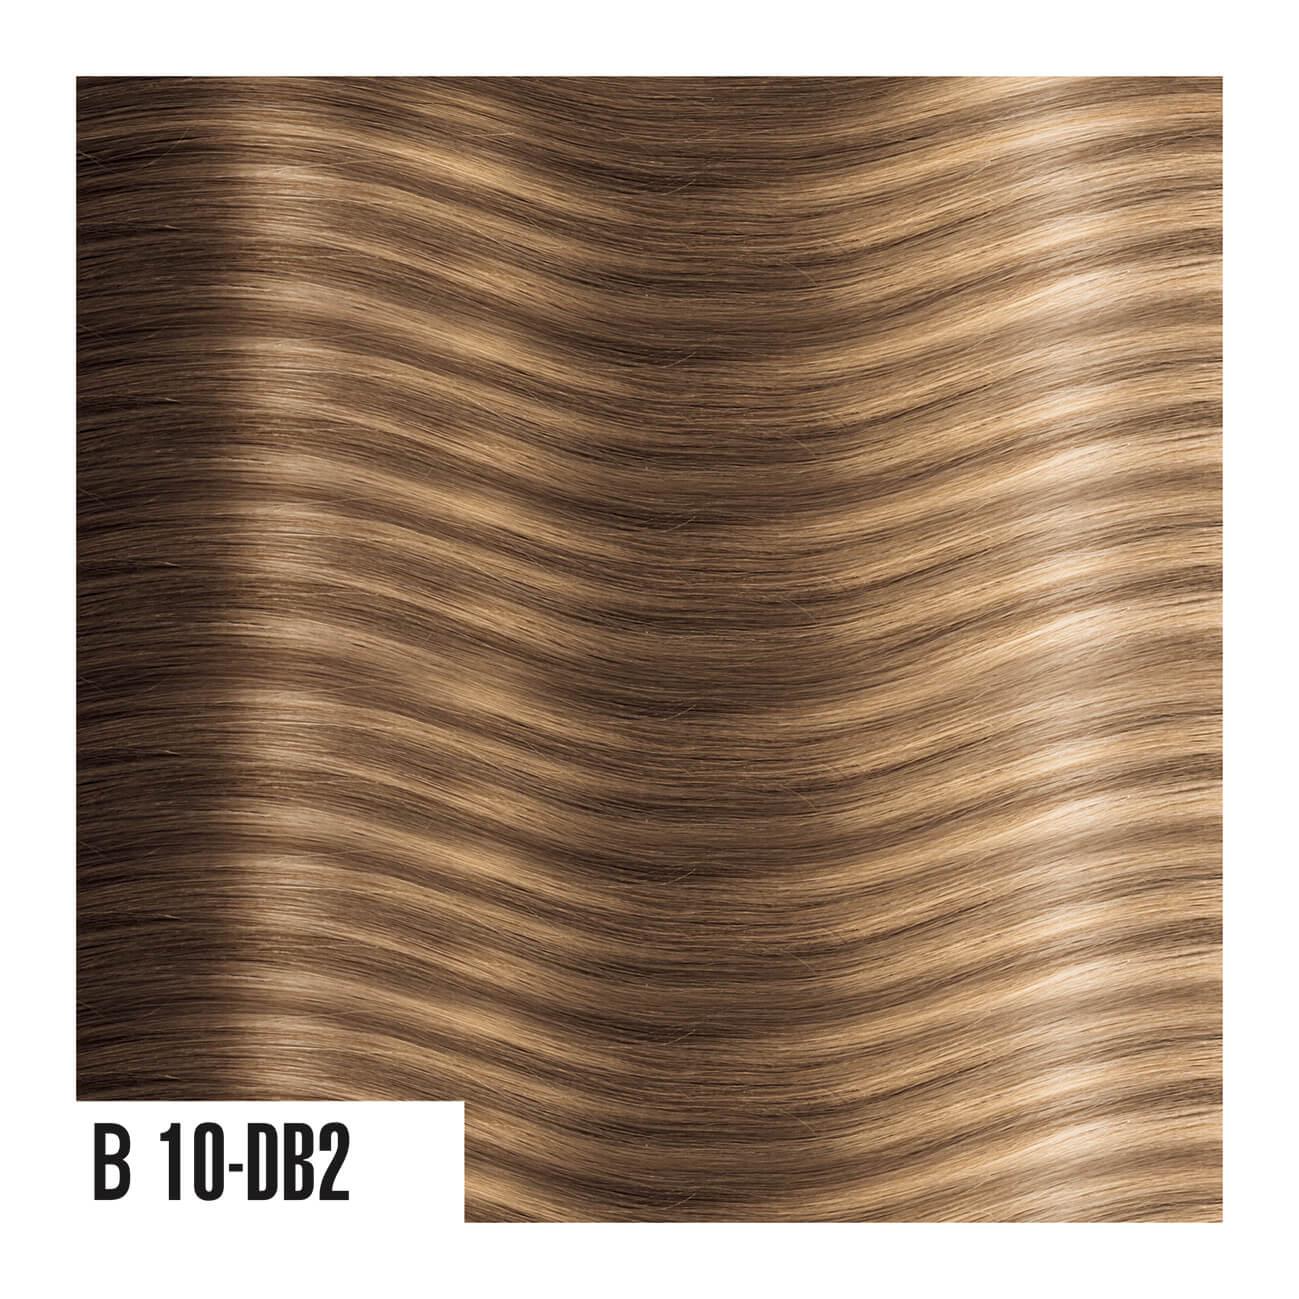 B10-DB2